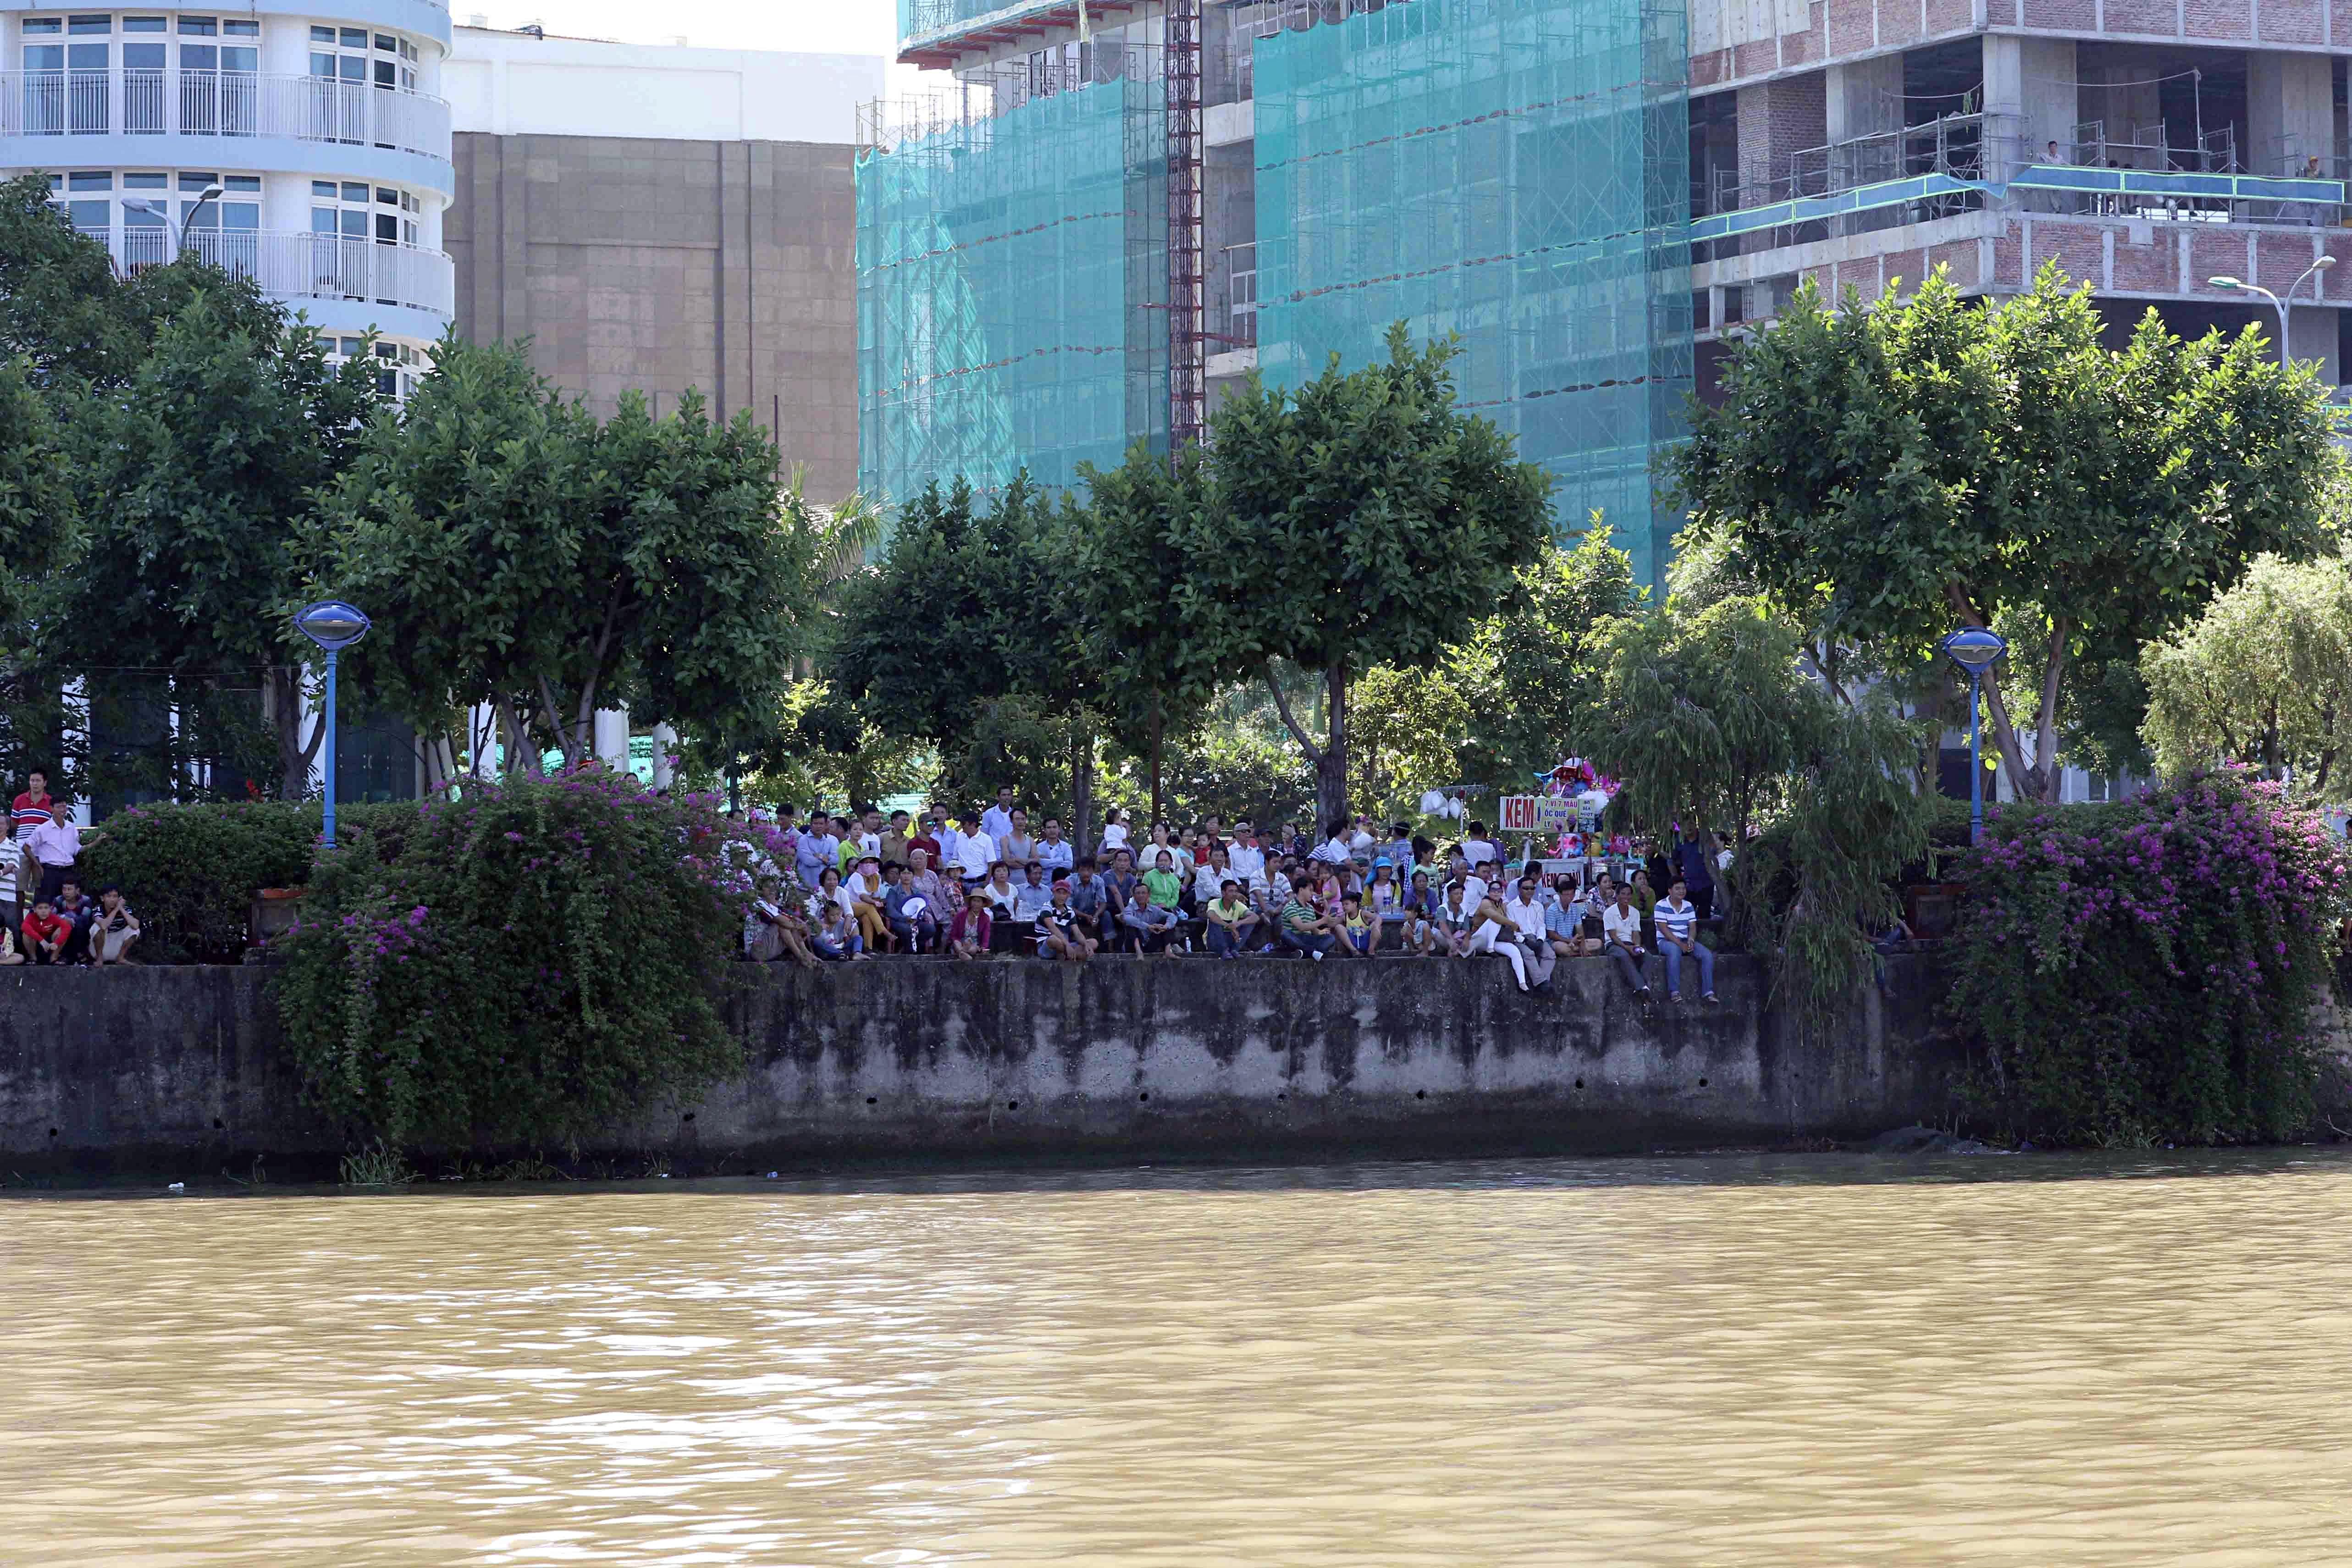 Hàng nghìn người Đà Nẵng đội nắng đổ ra sông Hàn xem đua thuyền ngày 2/9 - Ảnh 8.